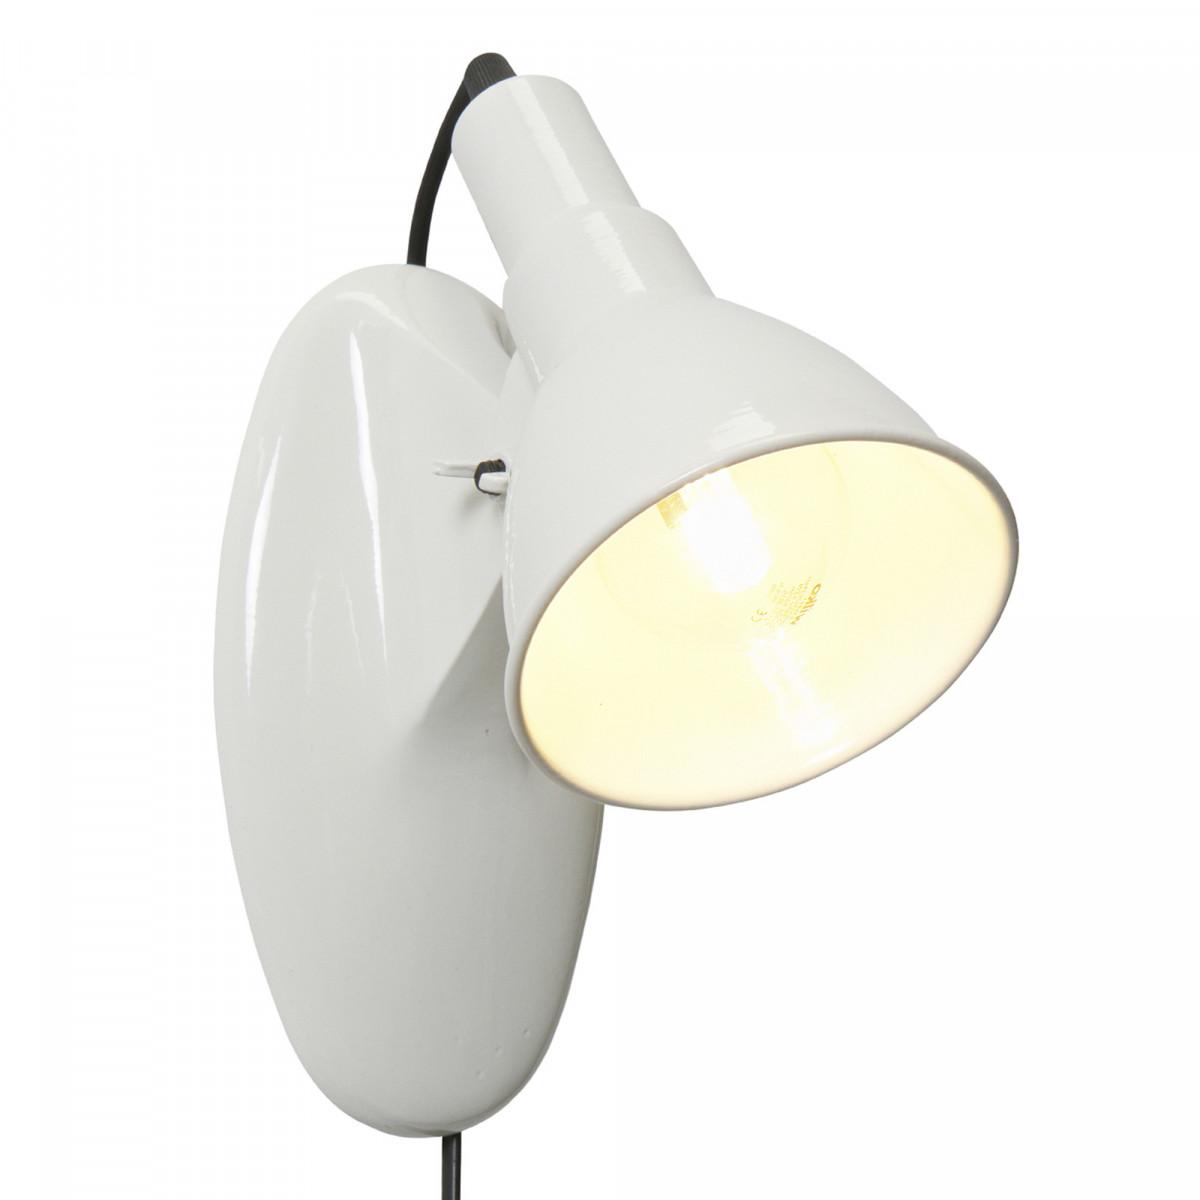 BePure wandlamp Masterpiece staal   nostalux.nl